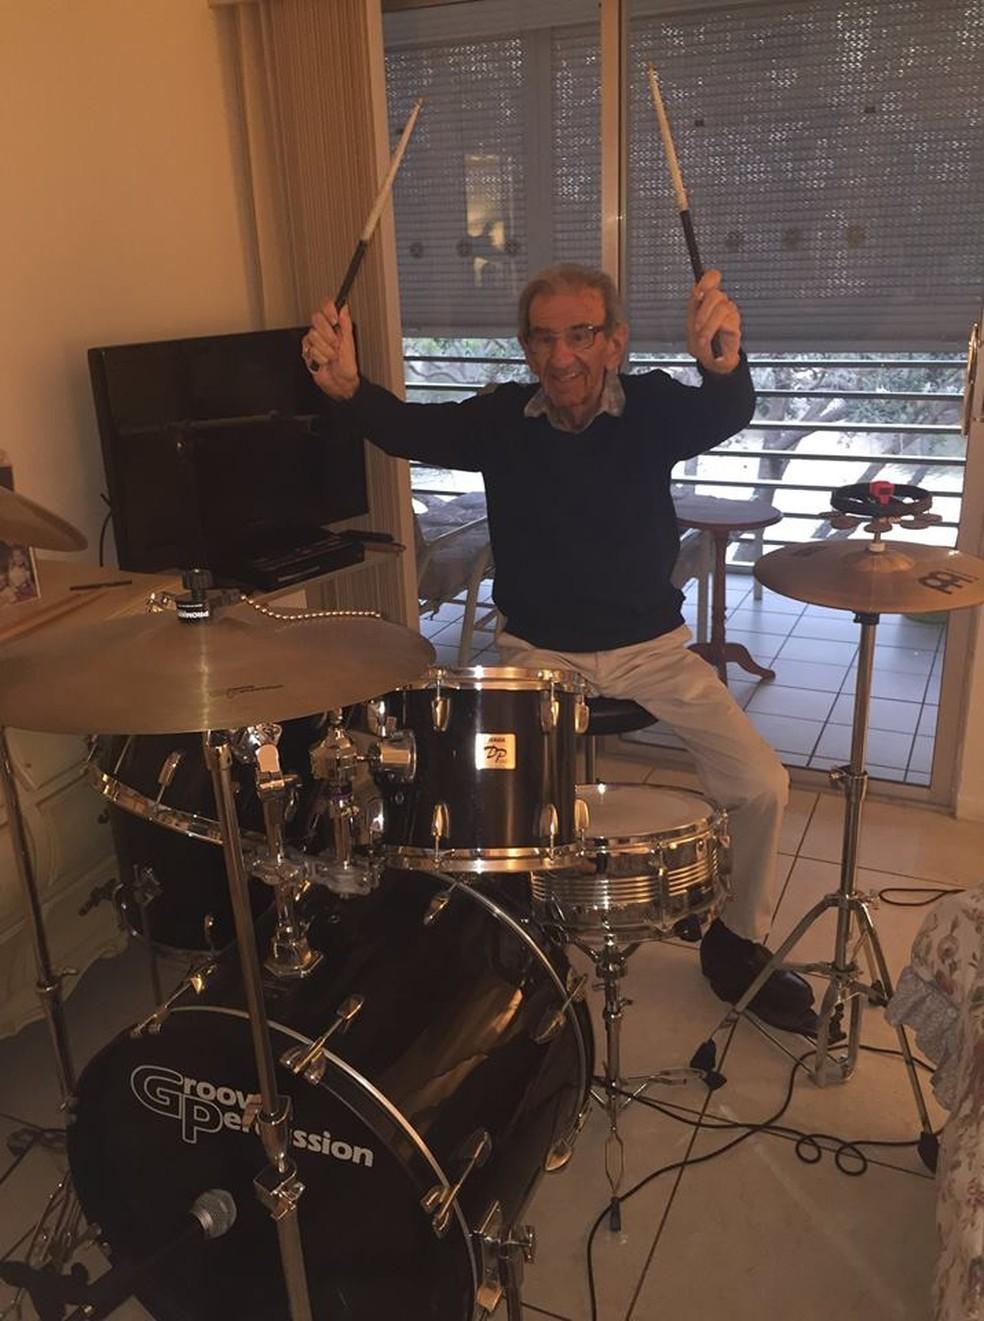 Aos 89 anos, Saul resolveu montar uma banda de klezmer. Hoje, aos 94, faz shows ao redor do mundo. — Foto: Reprodução/Facebook Saul Dreier